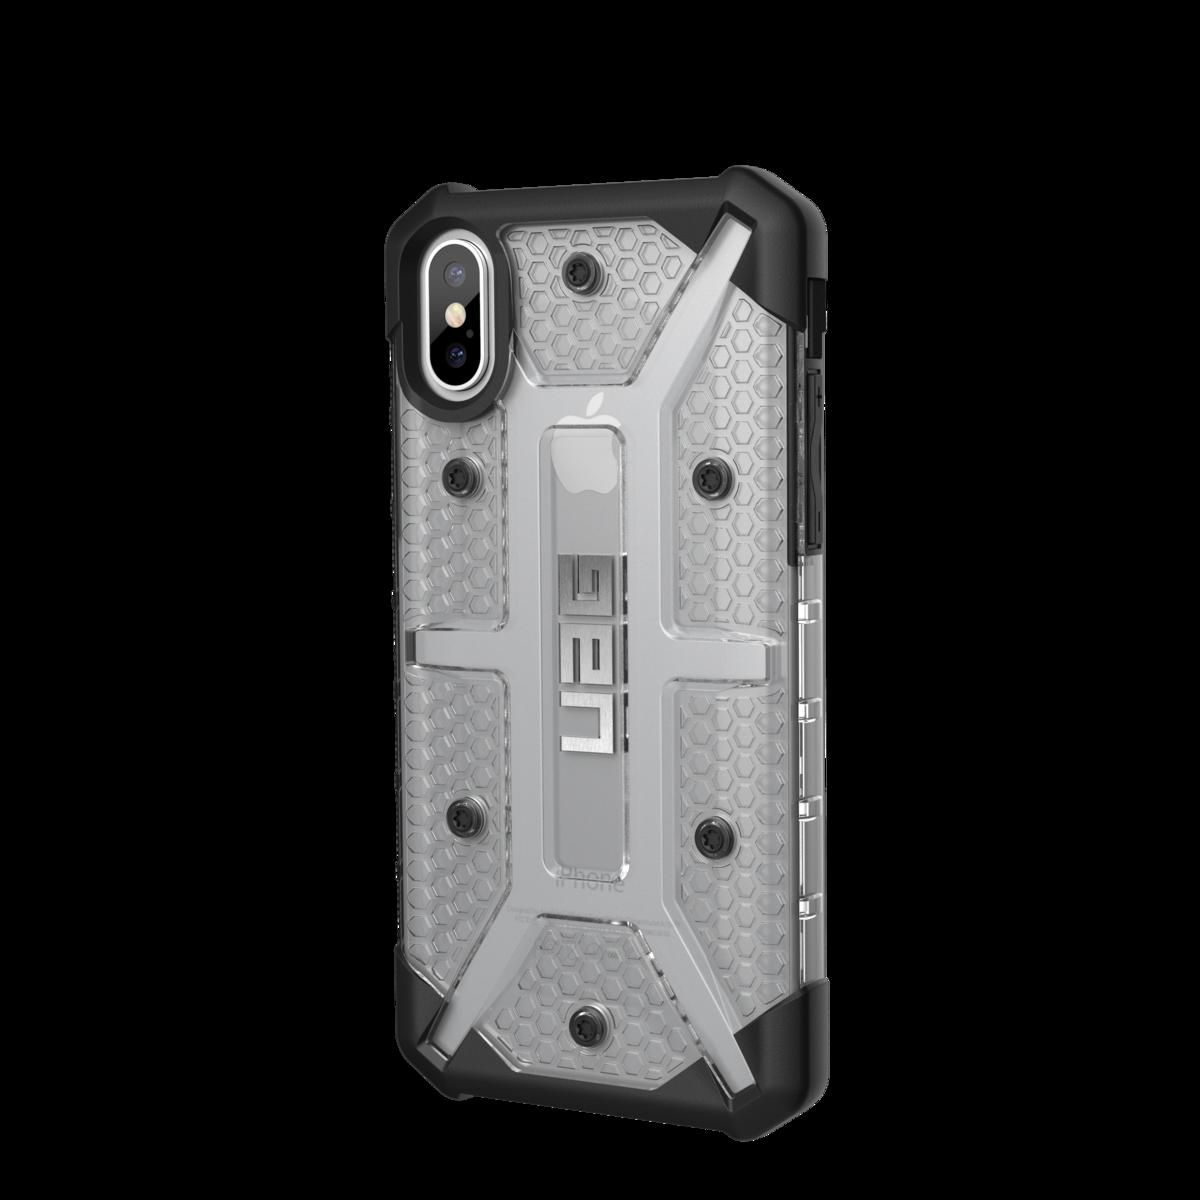 เคส UAG PLASMA Series iPhone X